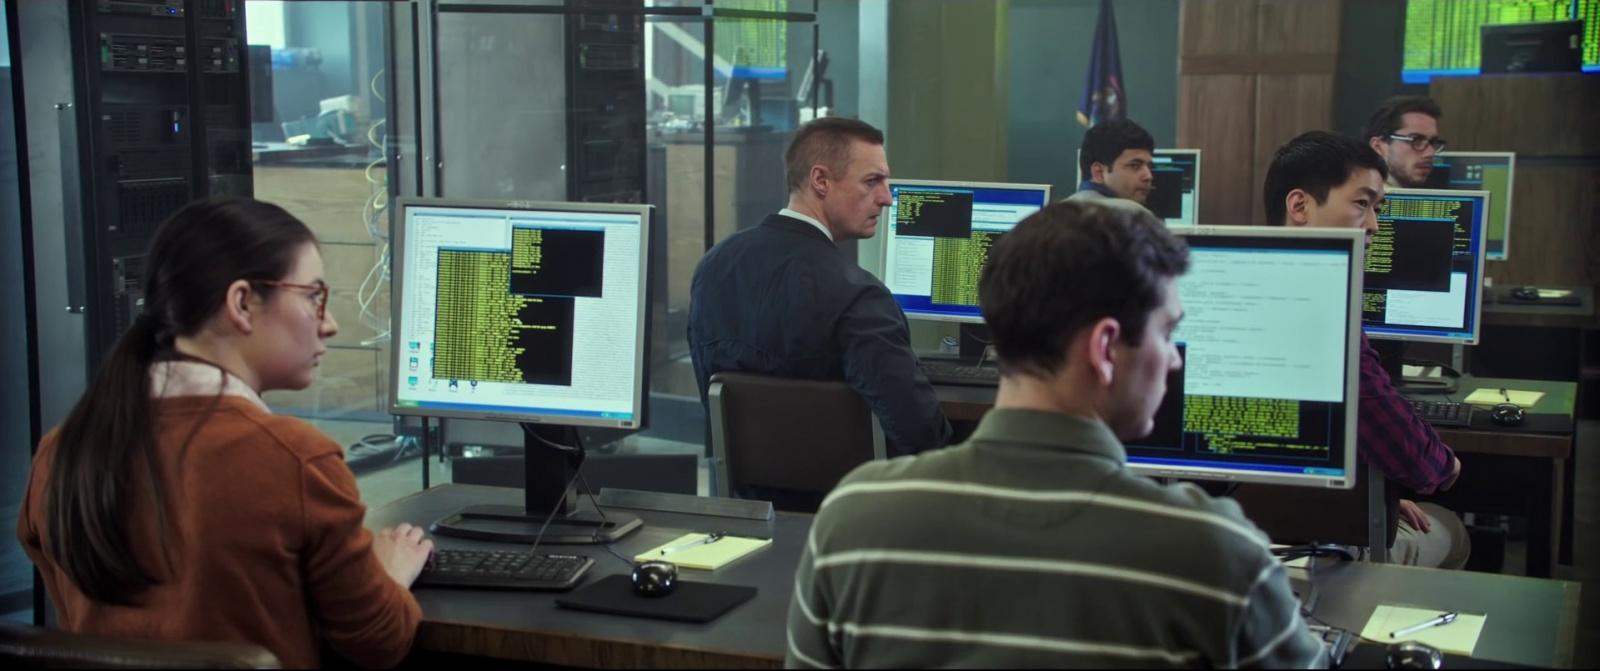 Сканер nmap как главный инструмент кино-хакеров - 5